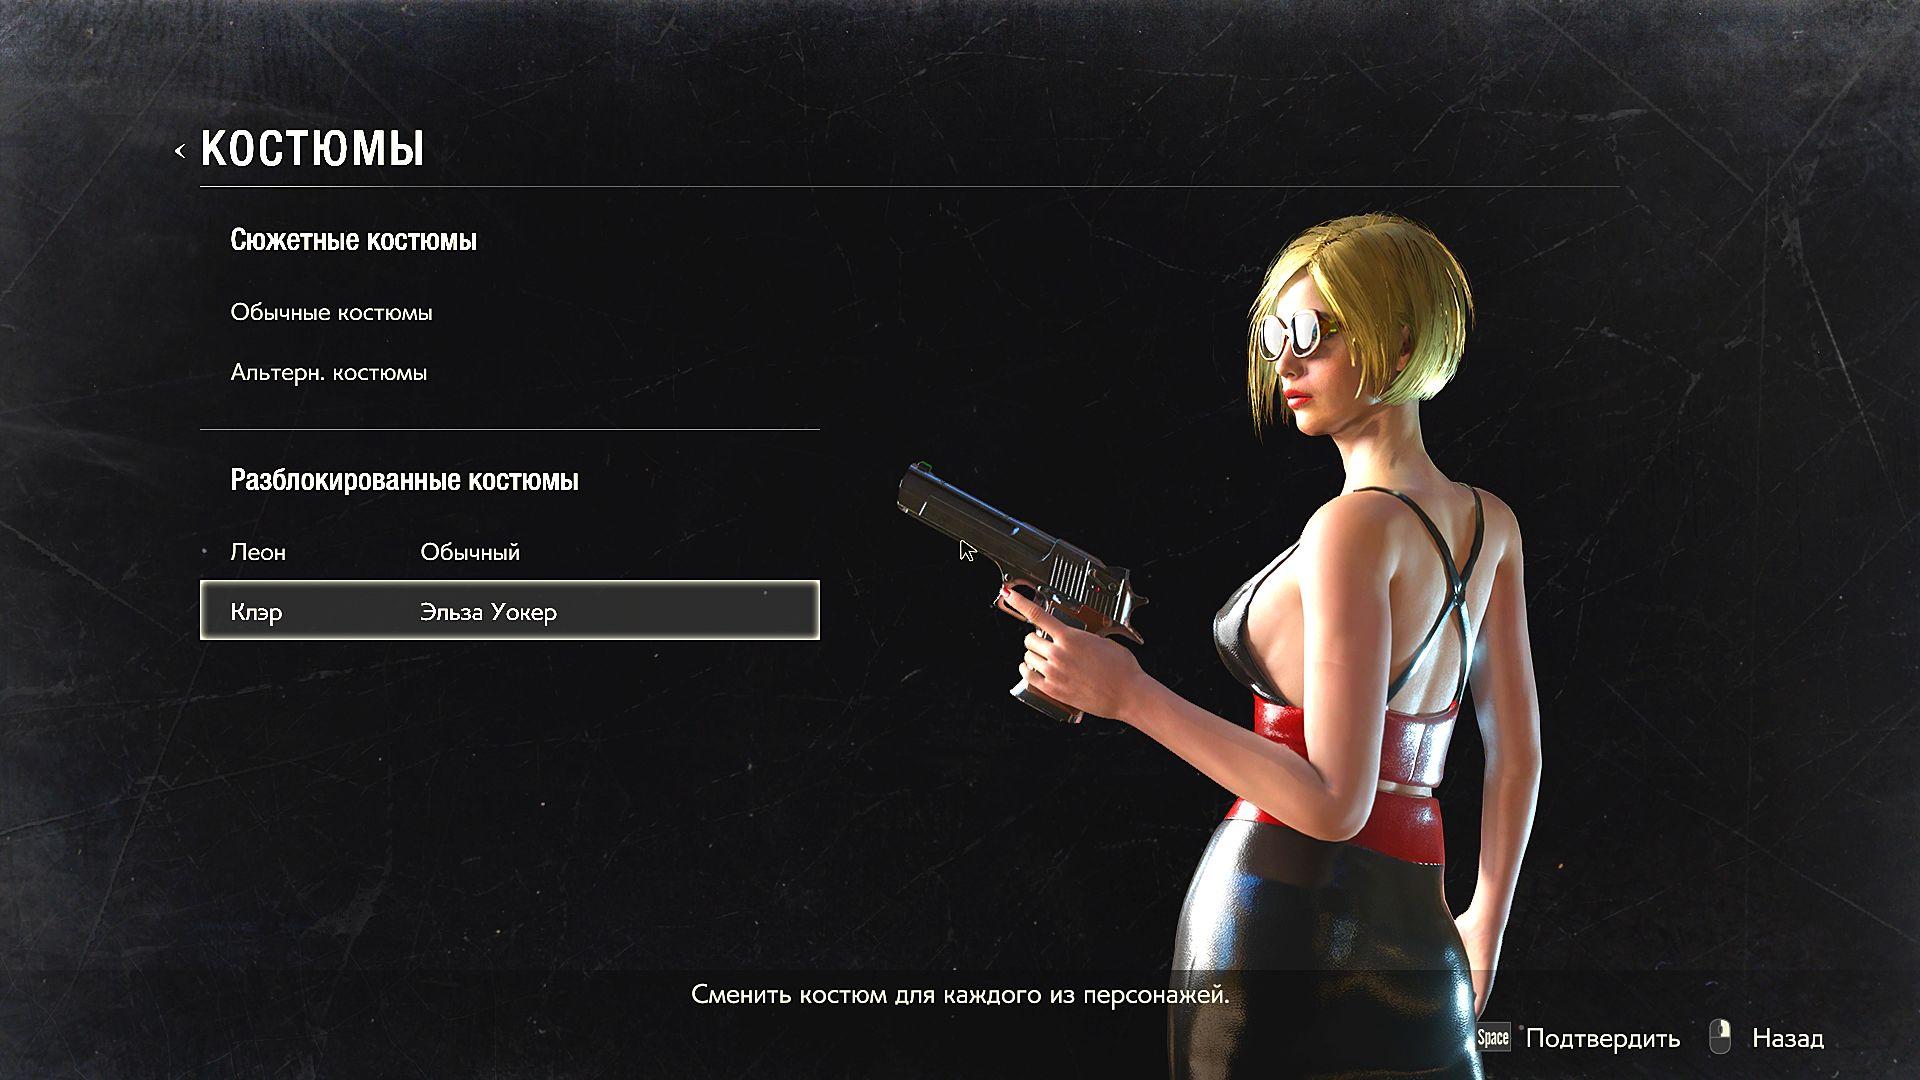 001148.Jpg - Resident Evil 2